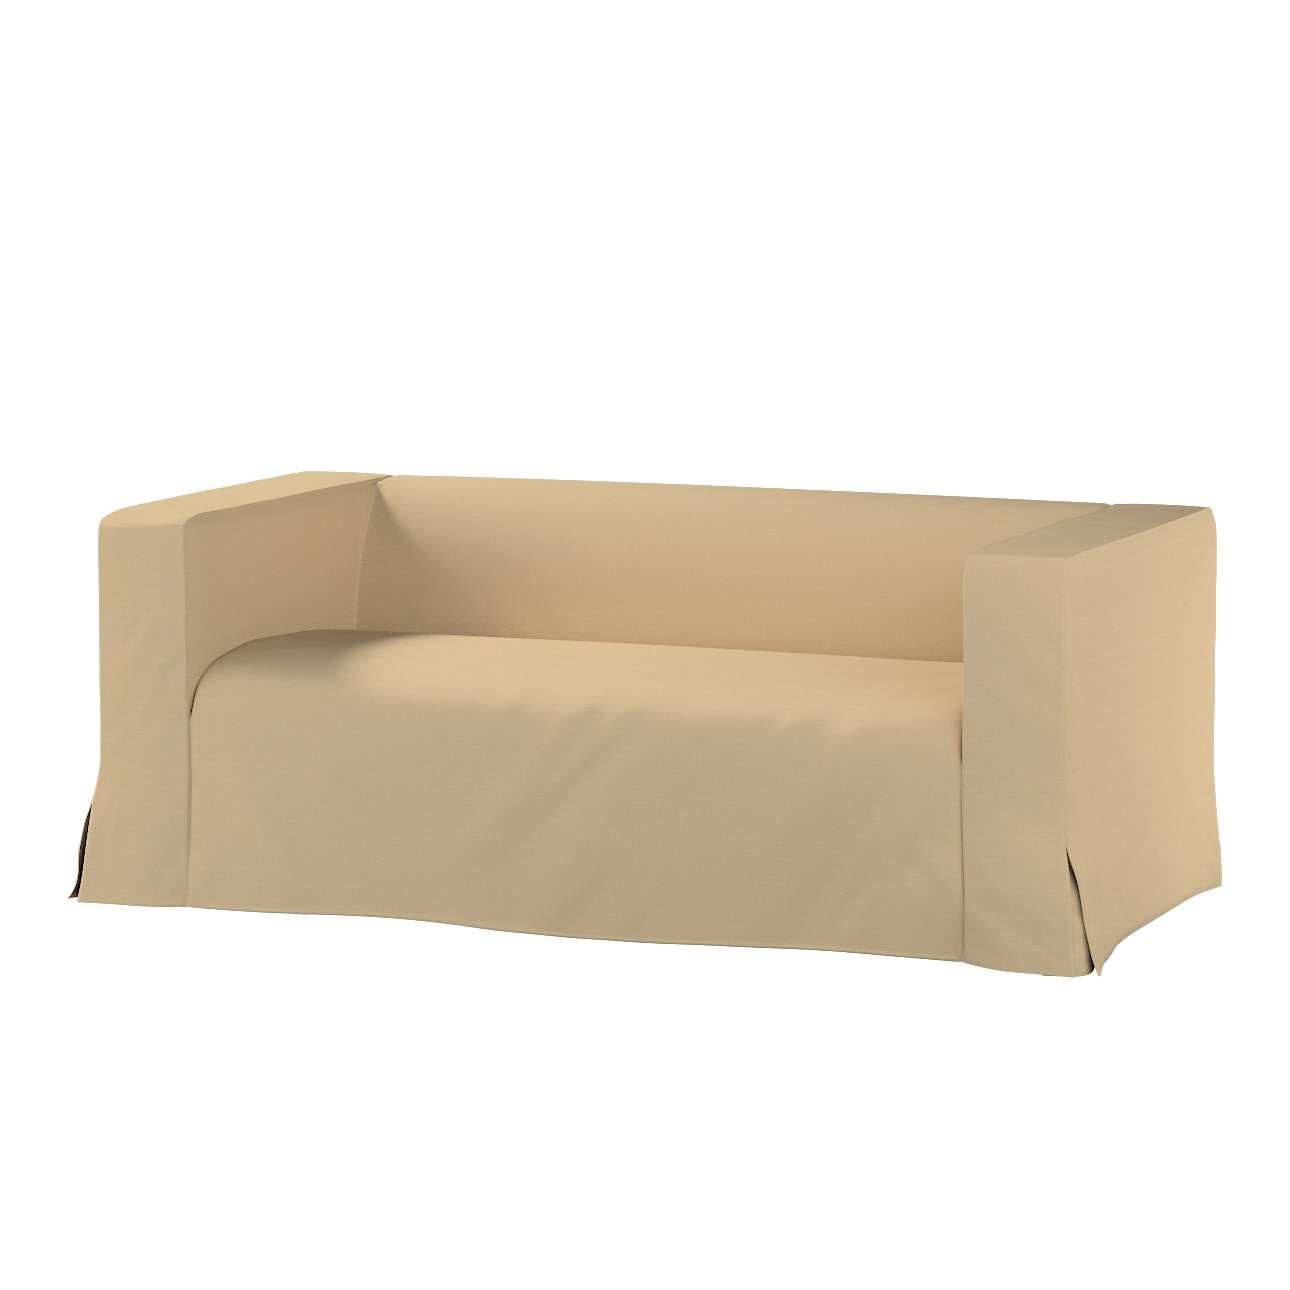 Klippan dvivietės sofos užvalkalas (ilgas, iki žemės) Klippan dvivietės sofos užvalkalas (ilgas, iki žemės) kolekcijoje Cotton Panama, audinys: 702-01